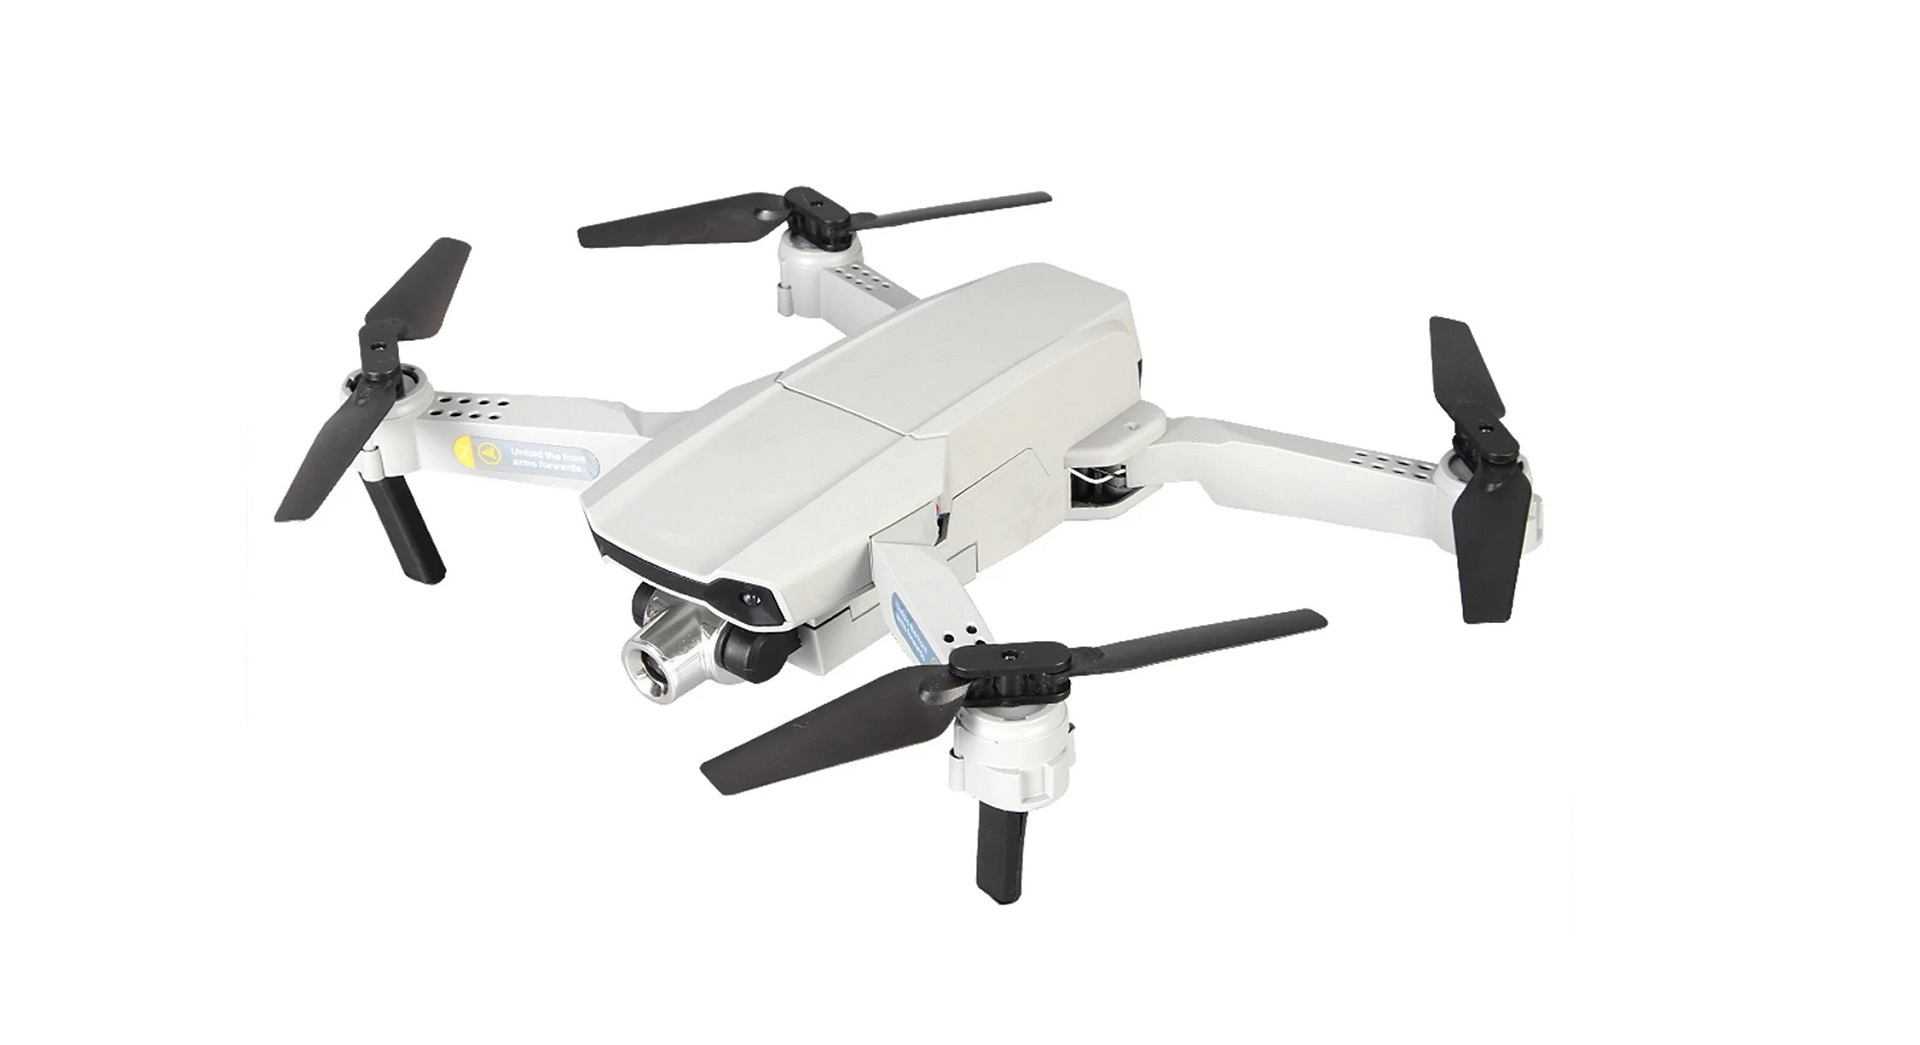 Kupte si 4K dron jen za 768 Kč nyní v akci na Cafago.com [sponzorovaný článek]